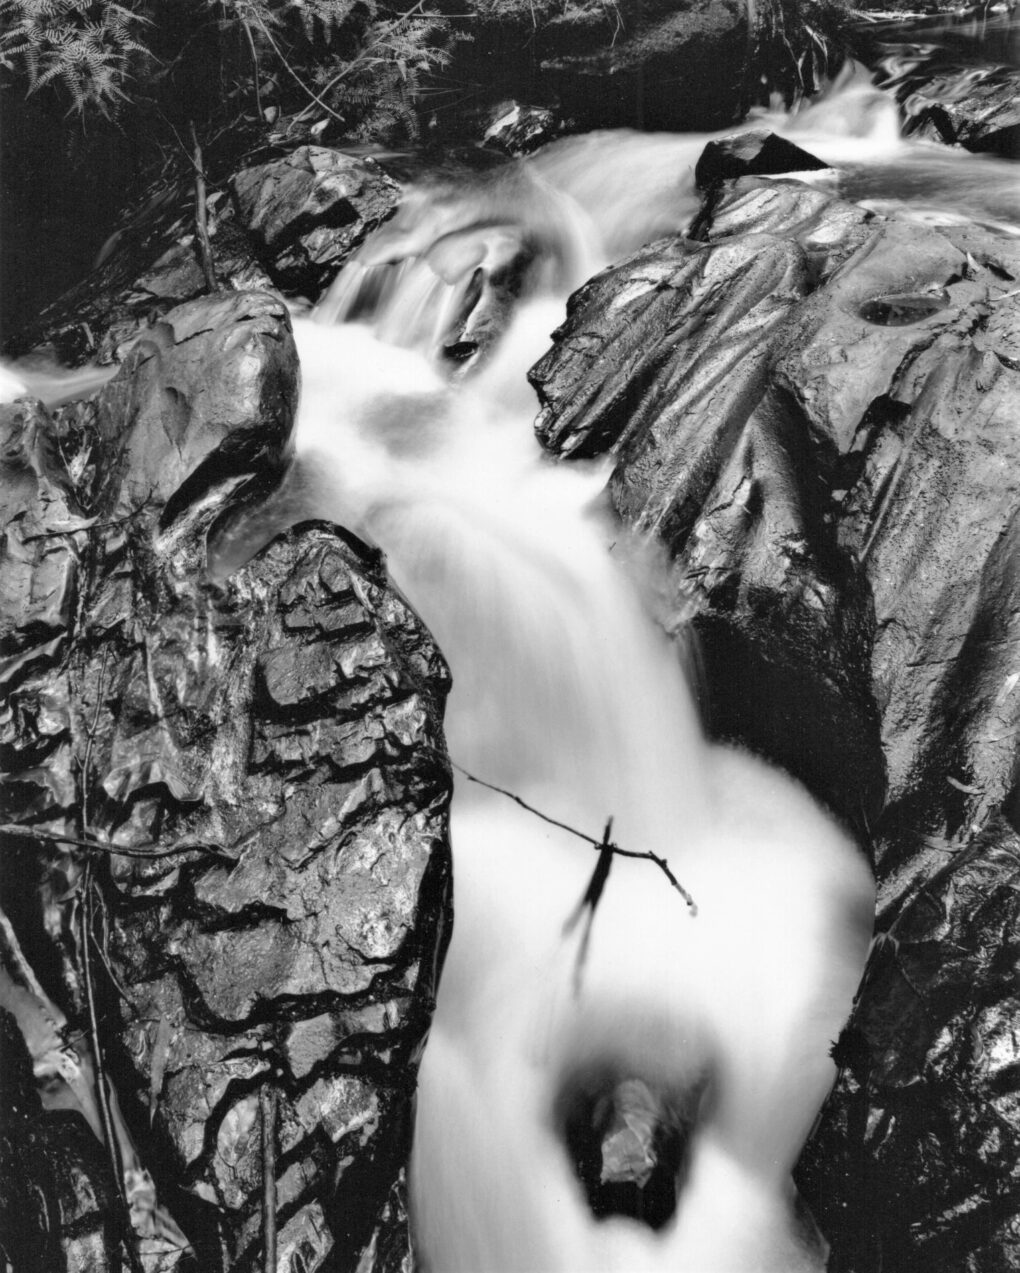 My black & white world by Murray White